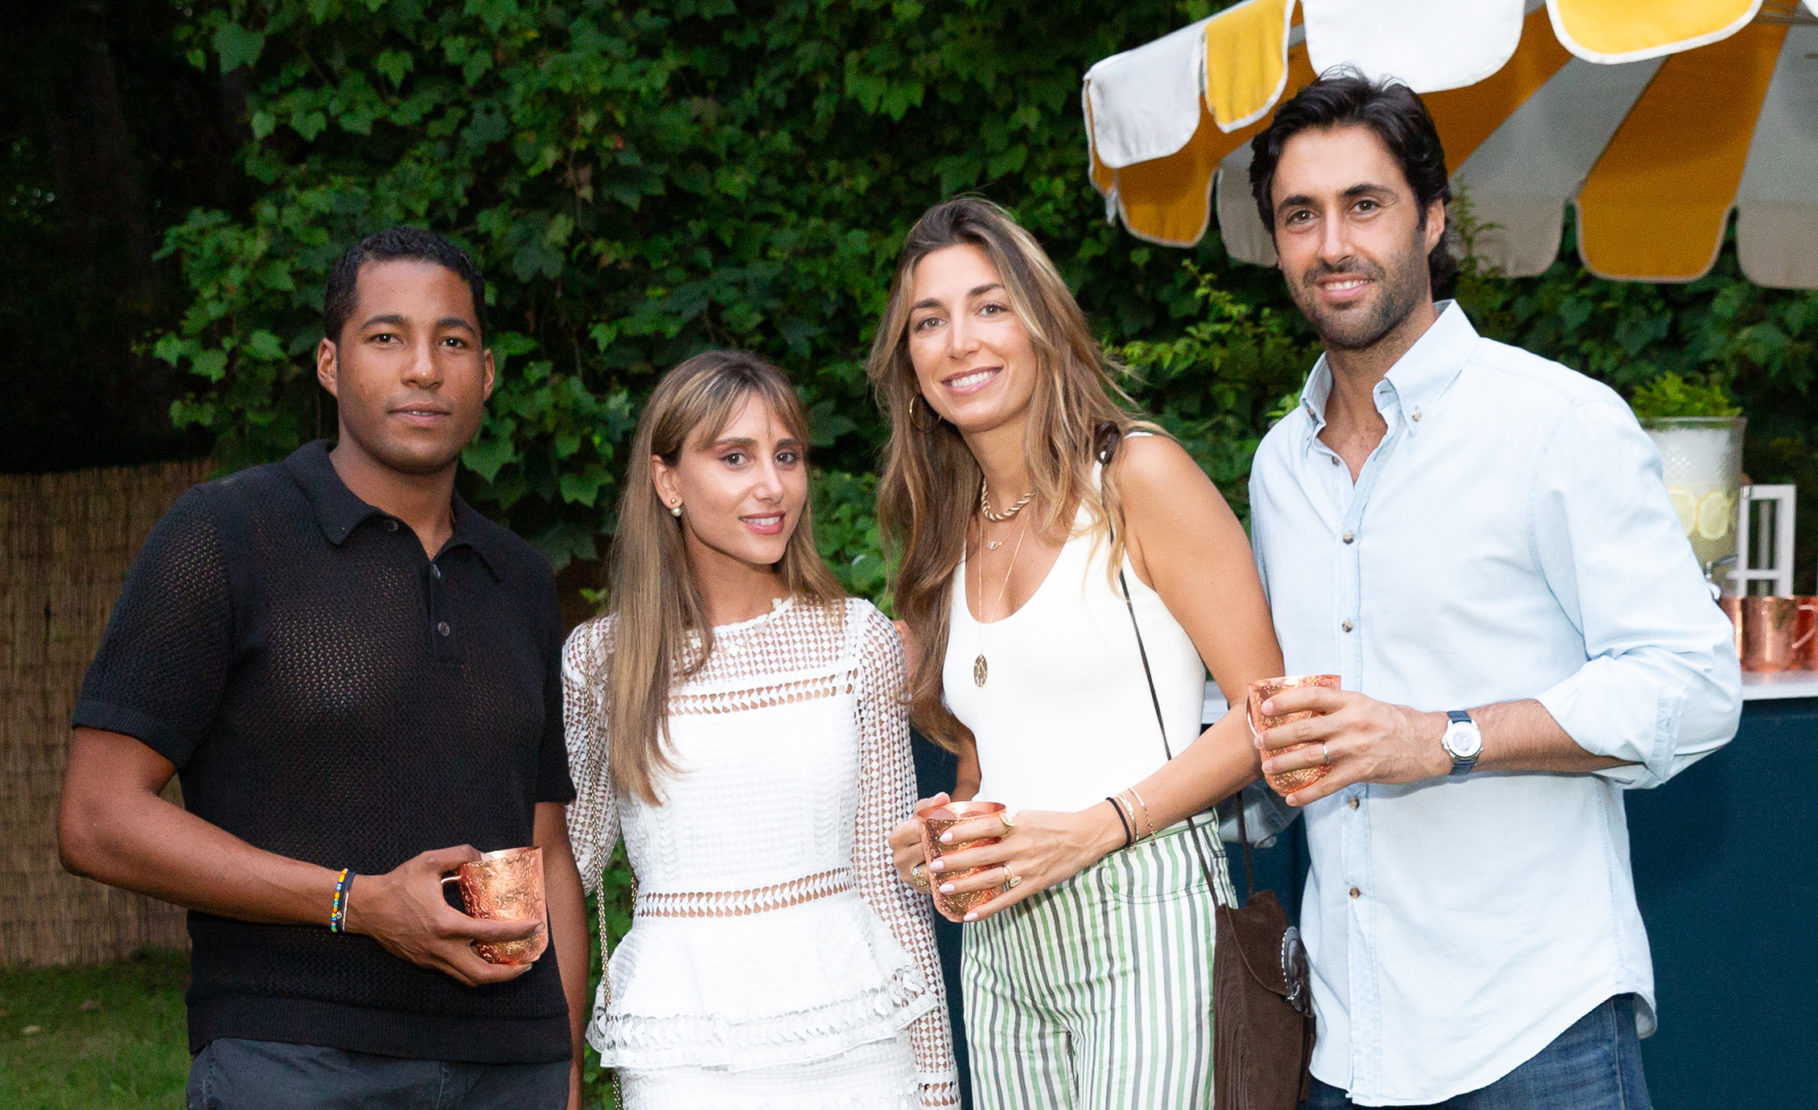 Hassan Pierre, Rachel Heller, Clea Ohana Harroch and Dan Harroch